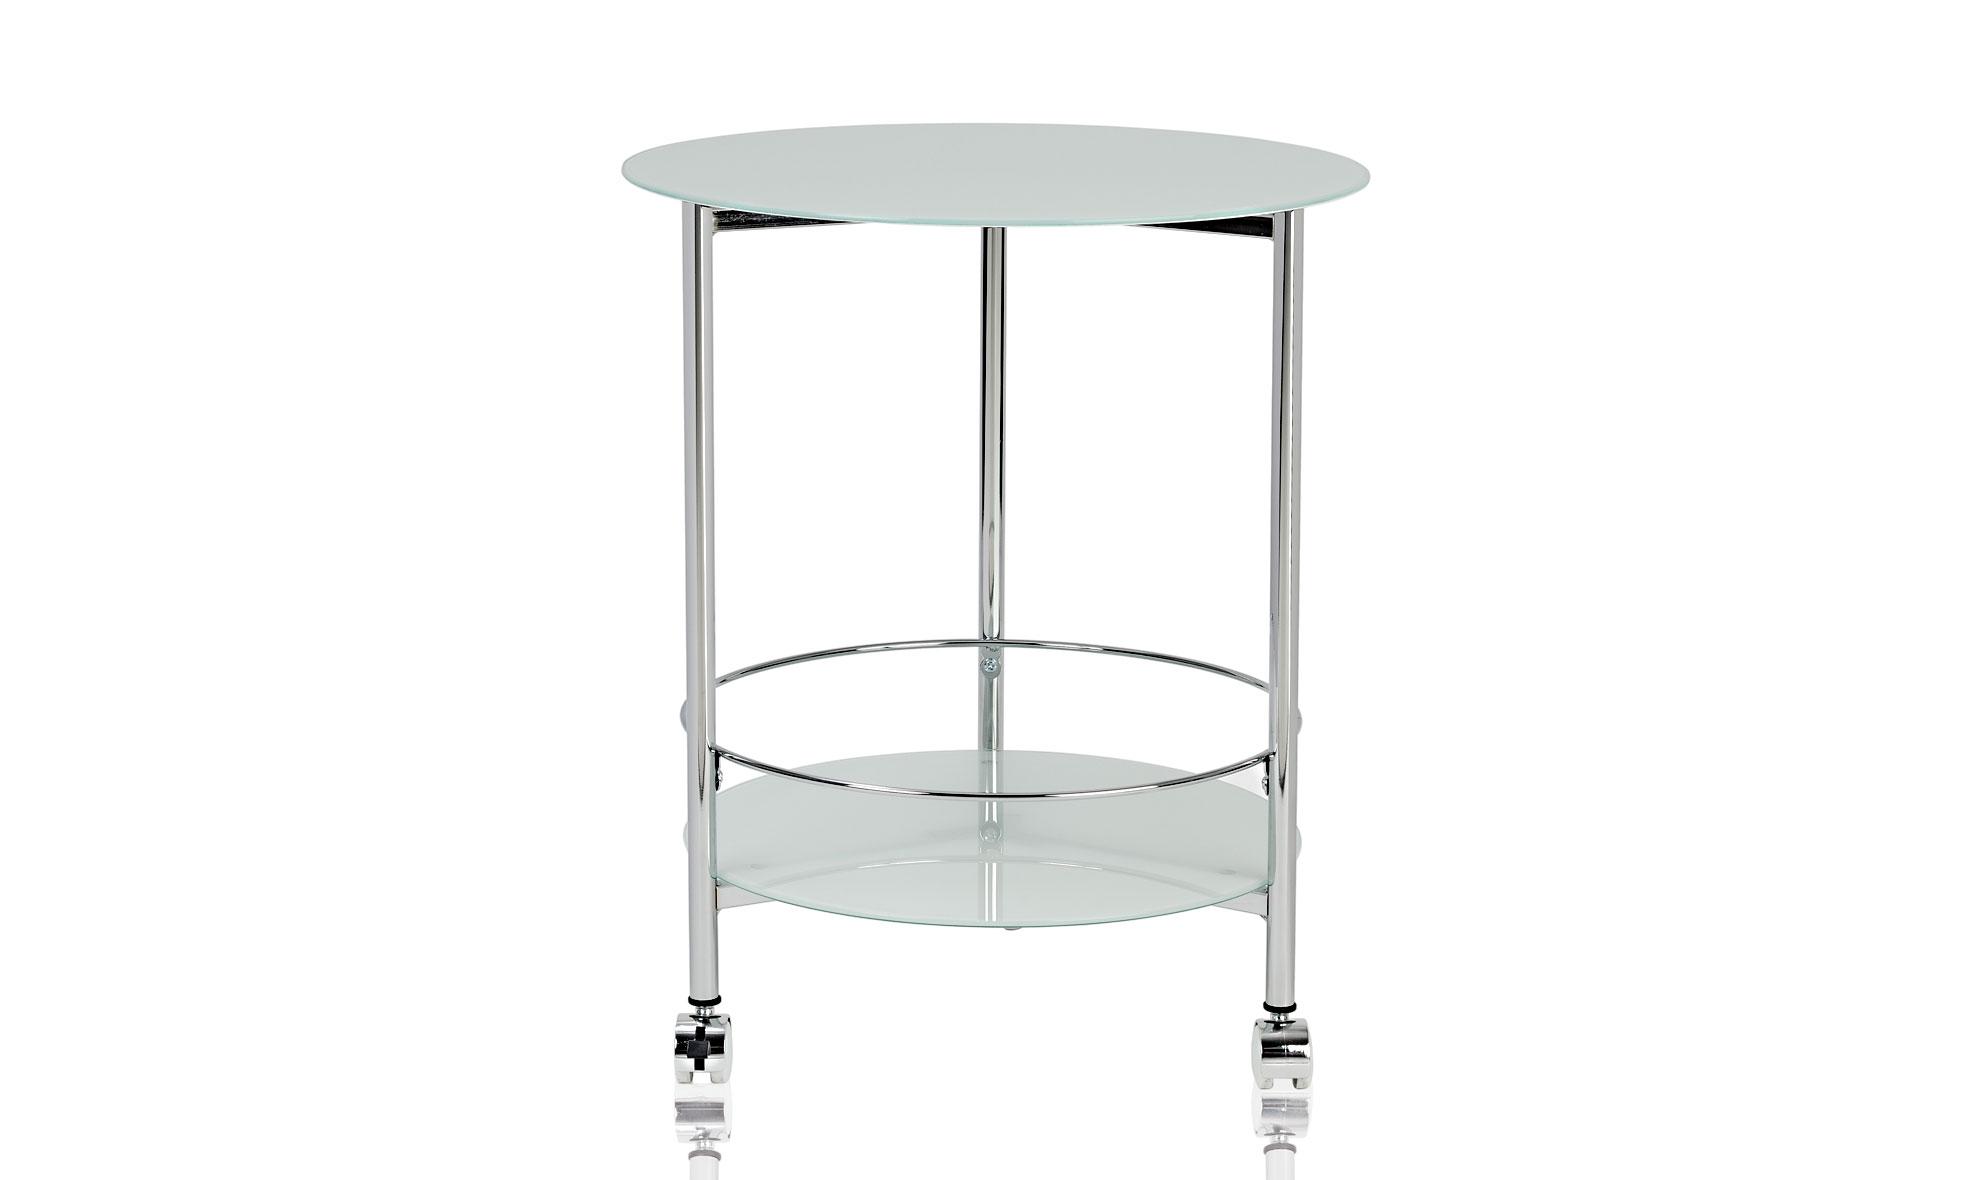 Muebles de vidrio y metal 20170816110930 for Muebles de comedor en vidrio